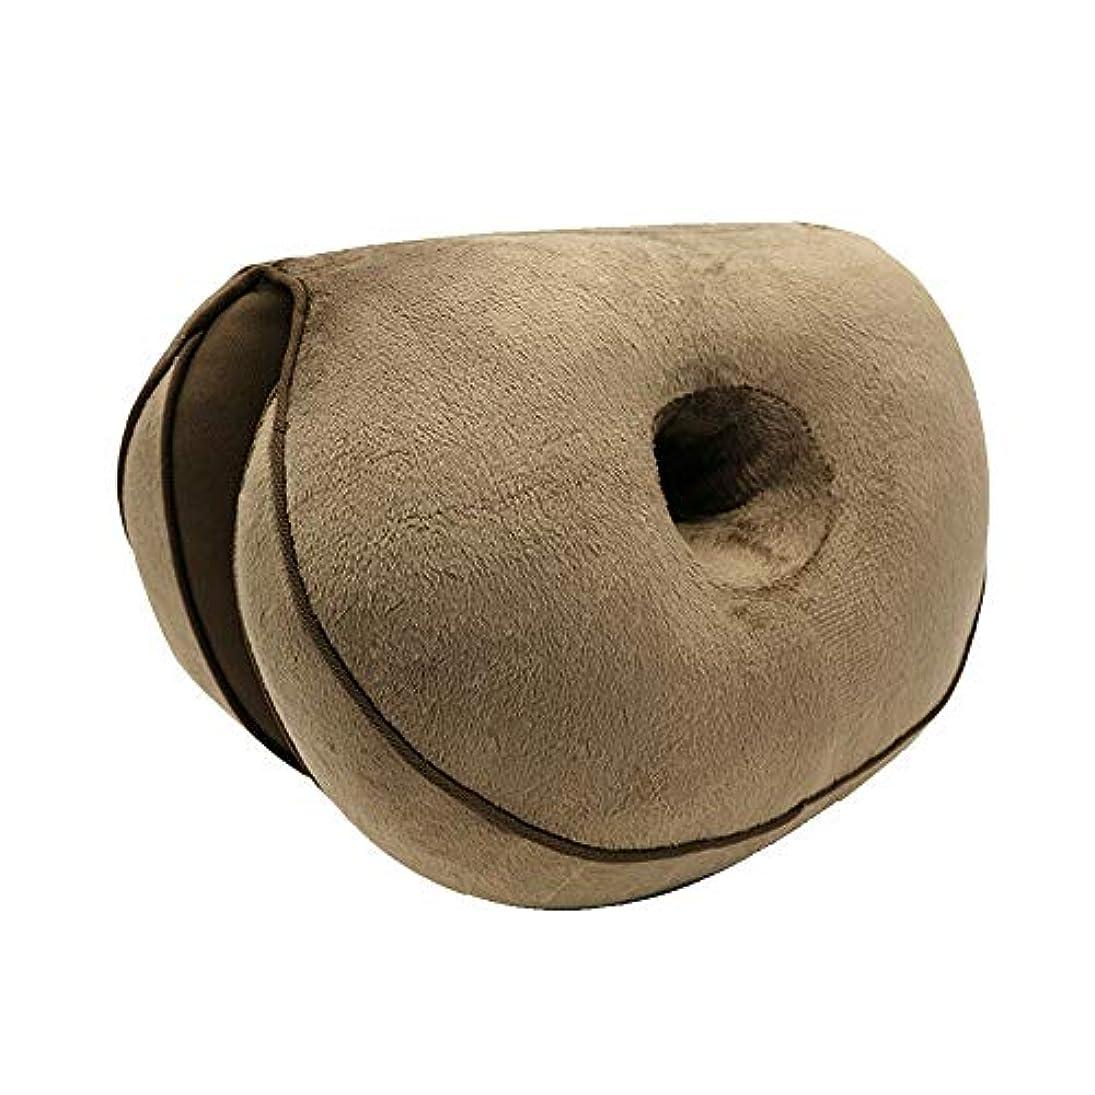 粉砕するアカデミー逆さまにLIFE 新デュアルシートクッション低反発ラテックスオフィスチェアバックシートクッション快適な臀部マットパッド枕旅行枕女性女の子 クッション 椅子